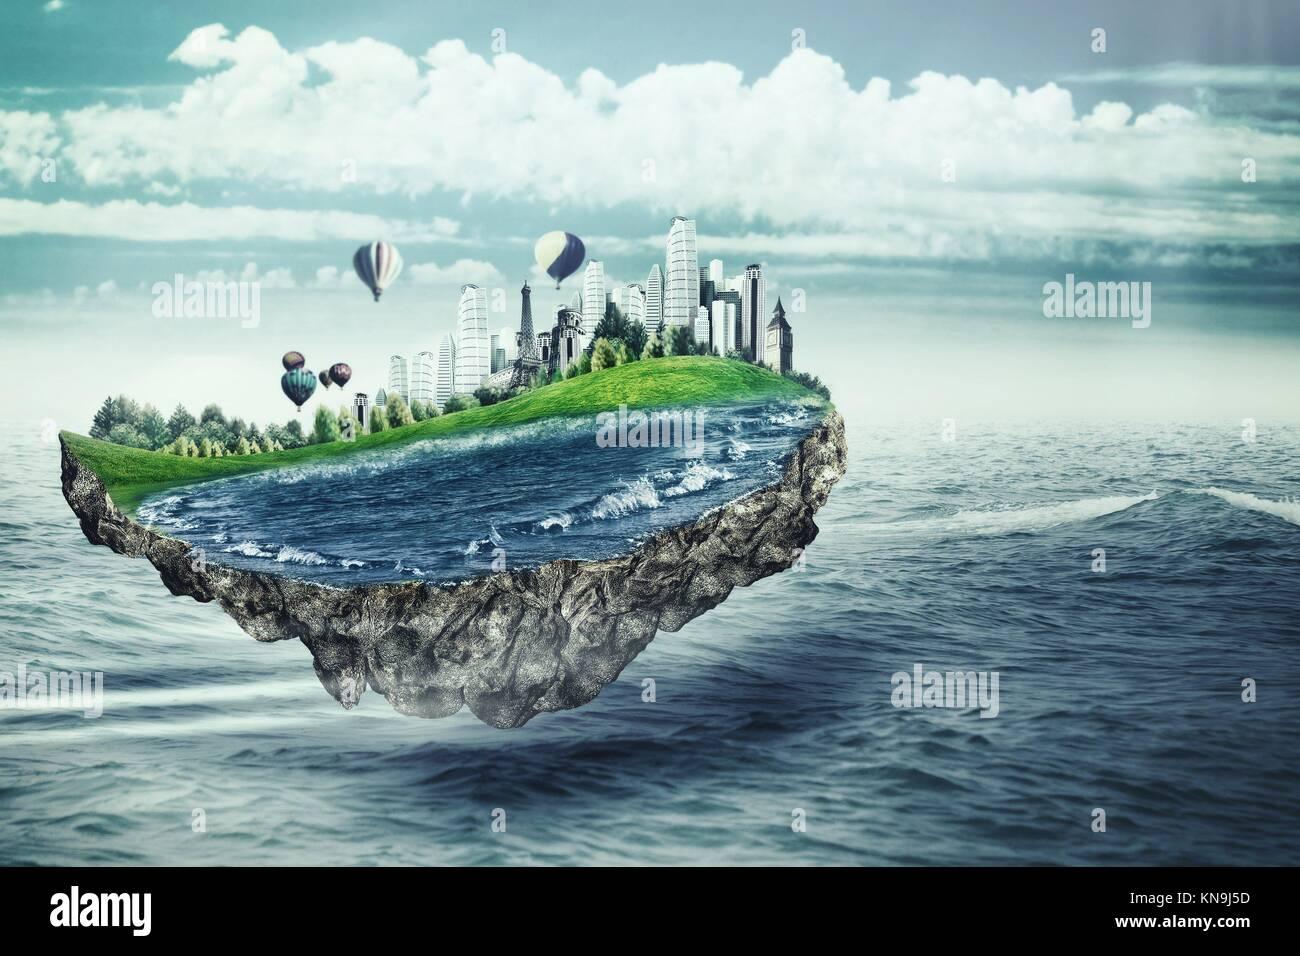 Ile Volante l'île volante. eco concept avec île fantastique sur la surface de la